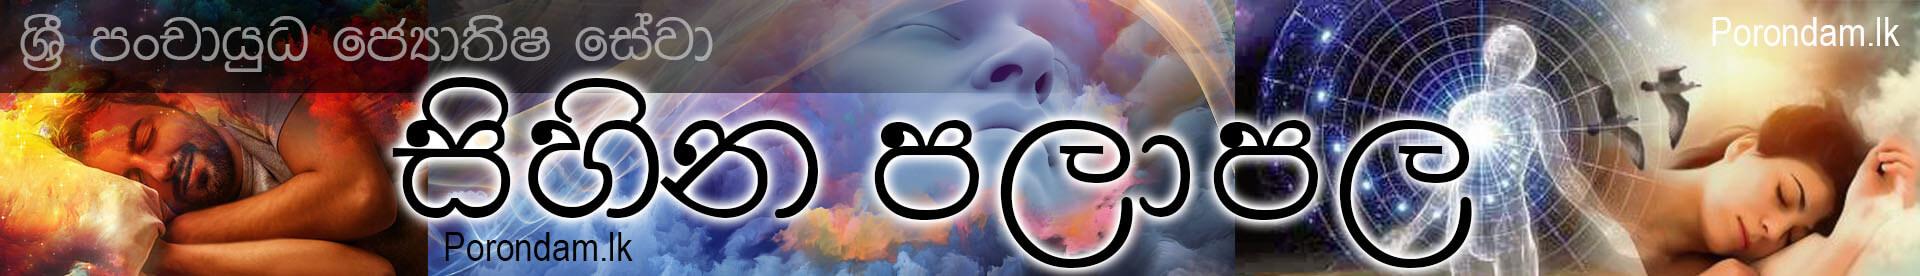 sihina-palapala-dream-හීන-පලාඵල